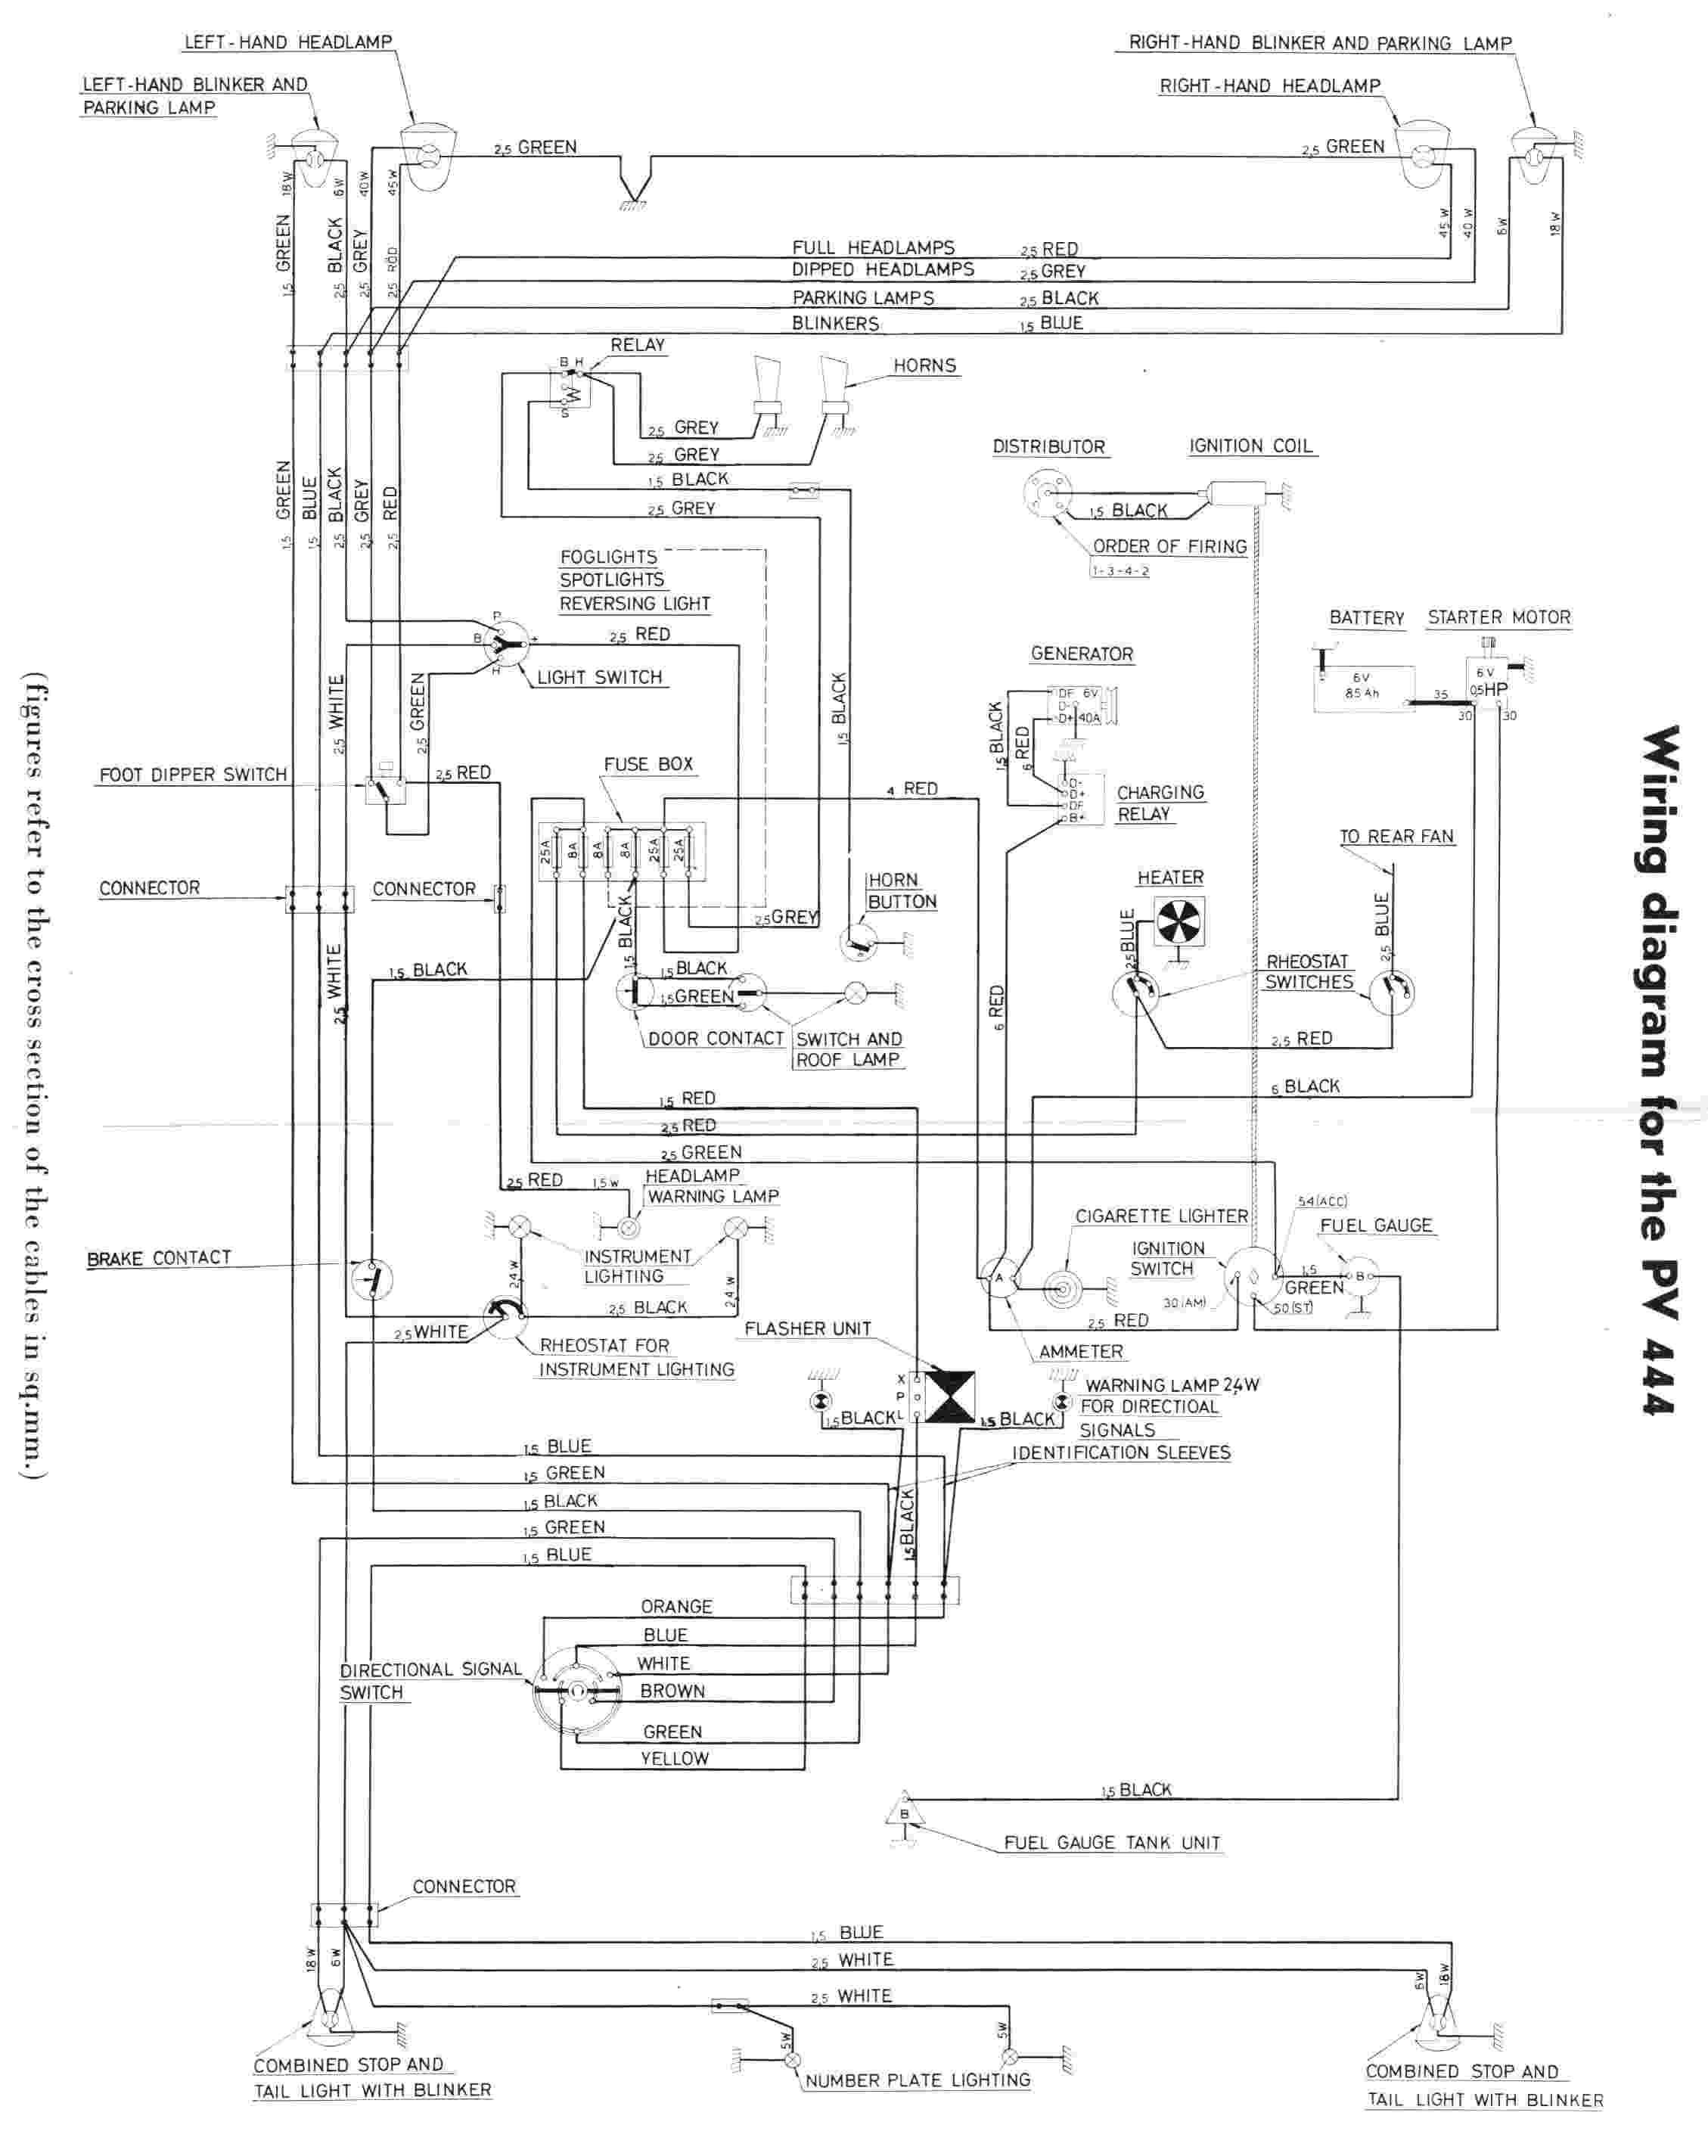 medium resolution of volvo v70 radio wiring diagram wiring library rh 52 insidestralsund de volvo truck wiring schematic volvo